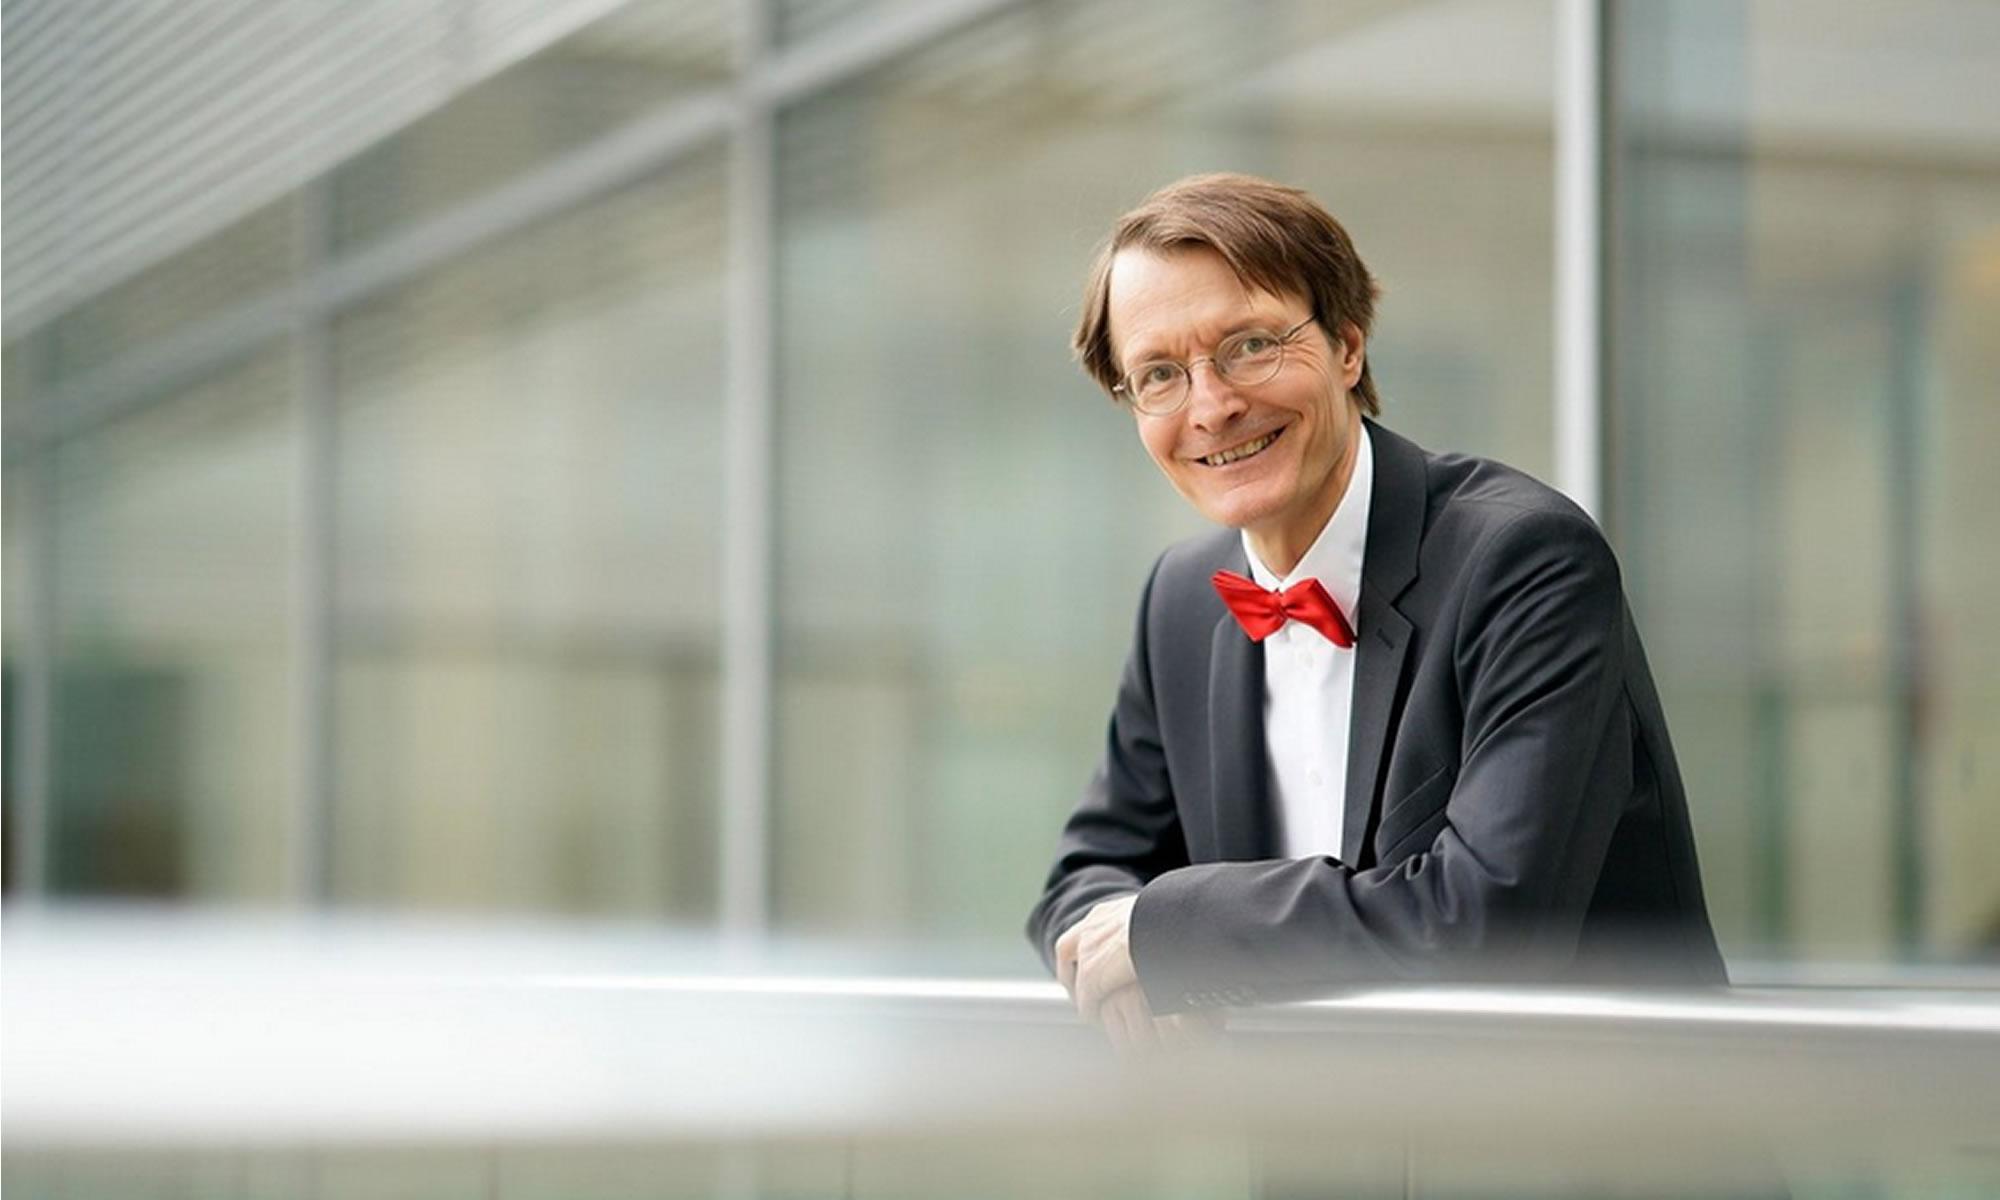 Karl Lauterbach Bundestagsabgeordneter für Köln Mülheim / Leverkusen